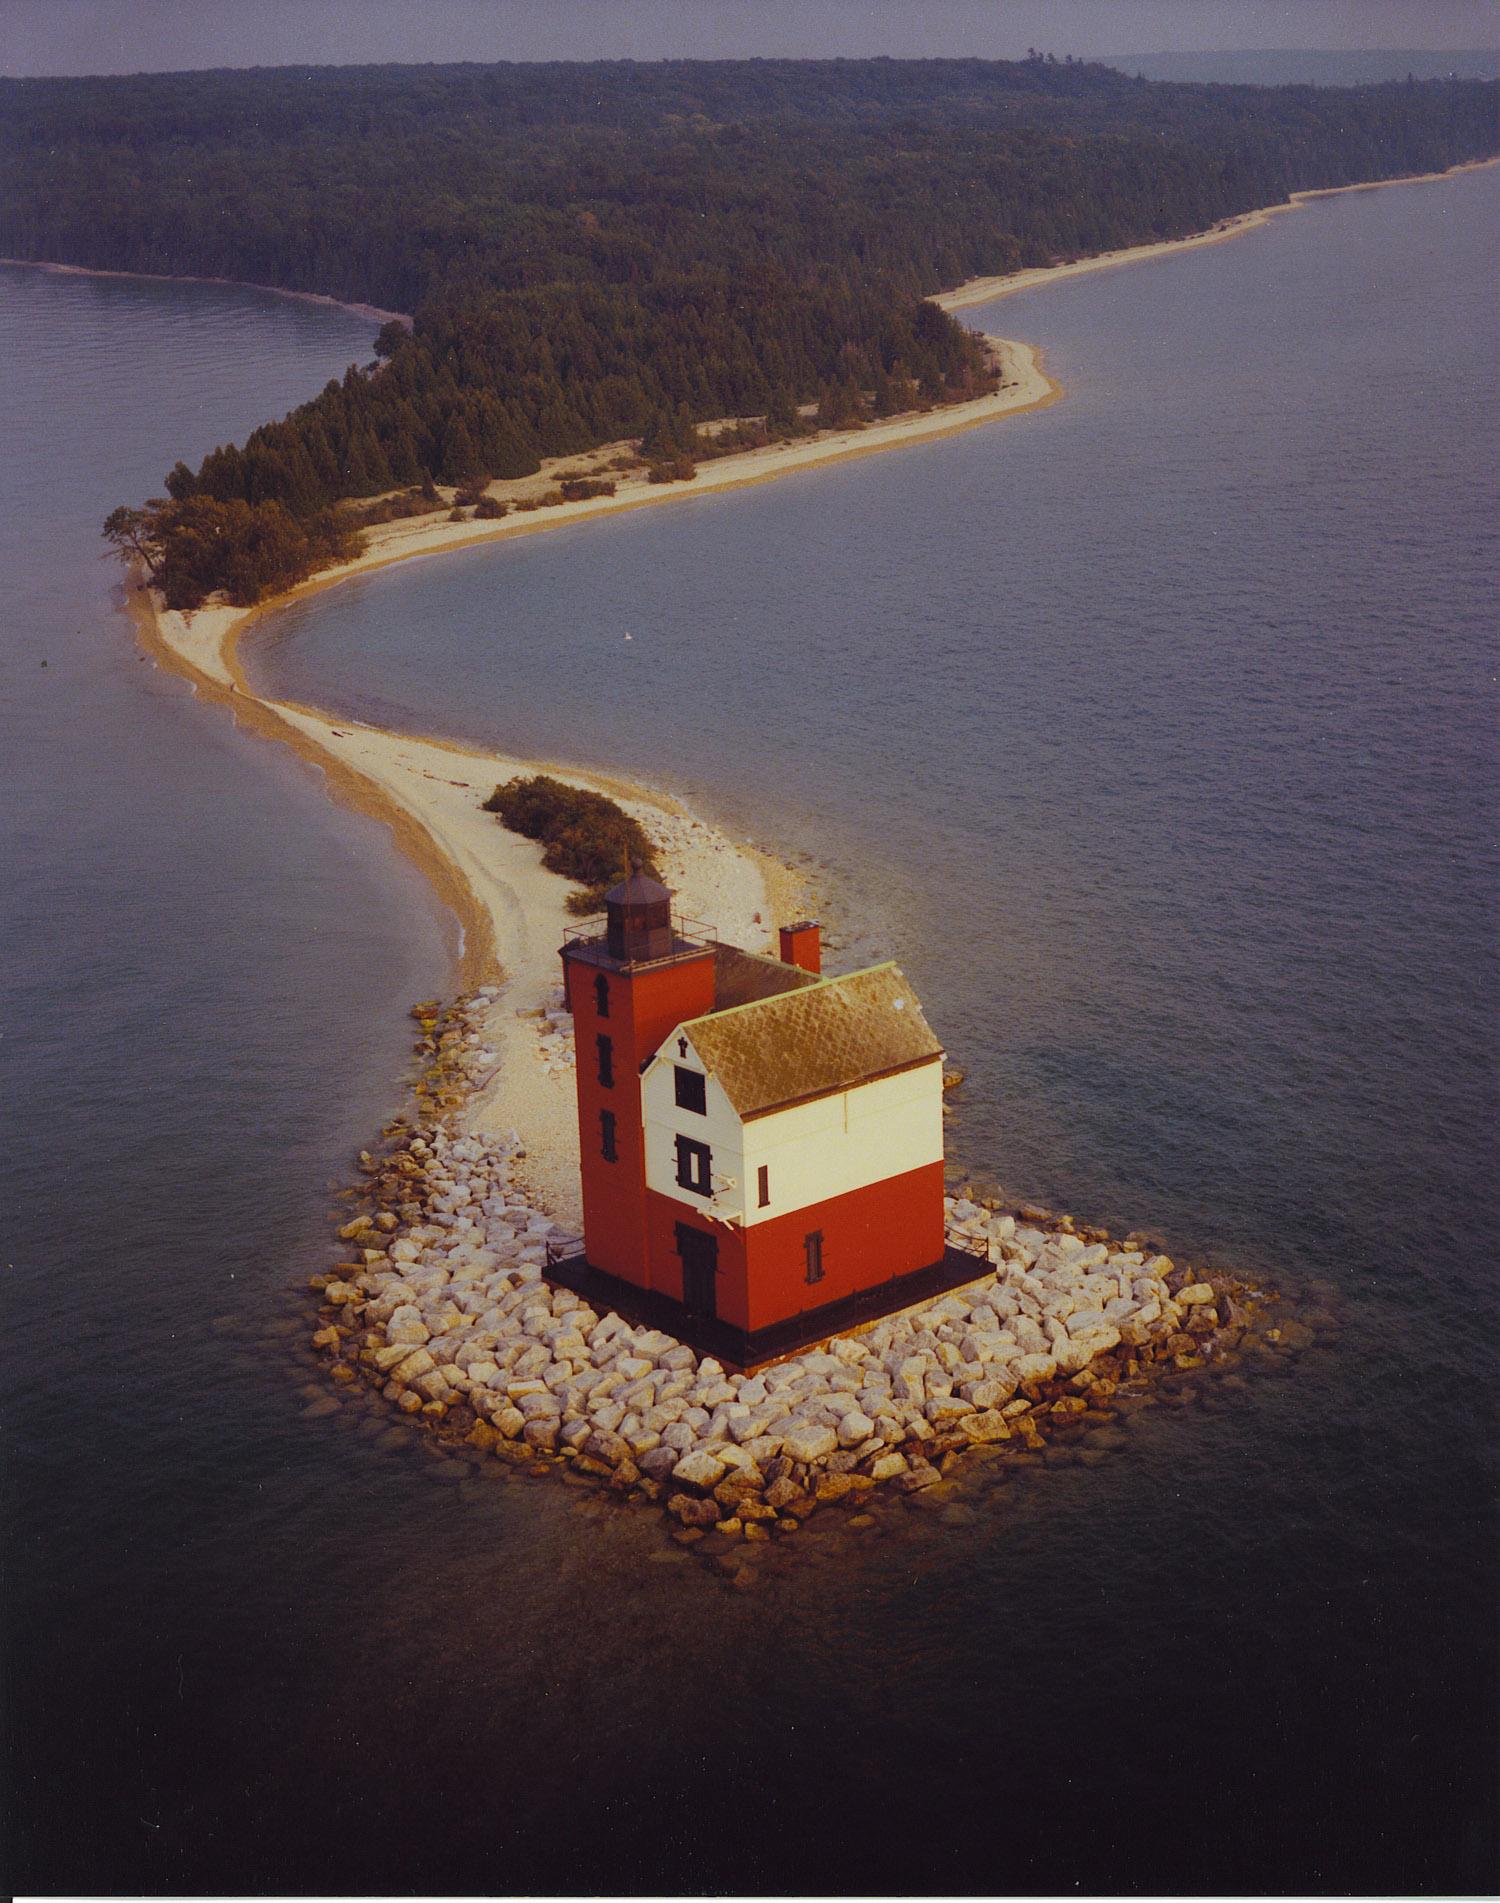 File:Round Island Lighthouse Michigan jpg - Wikipedia